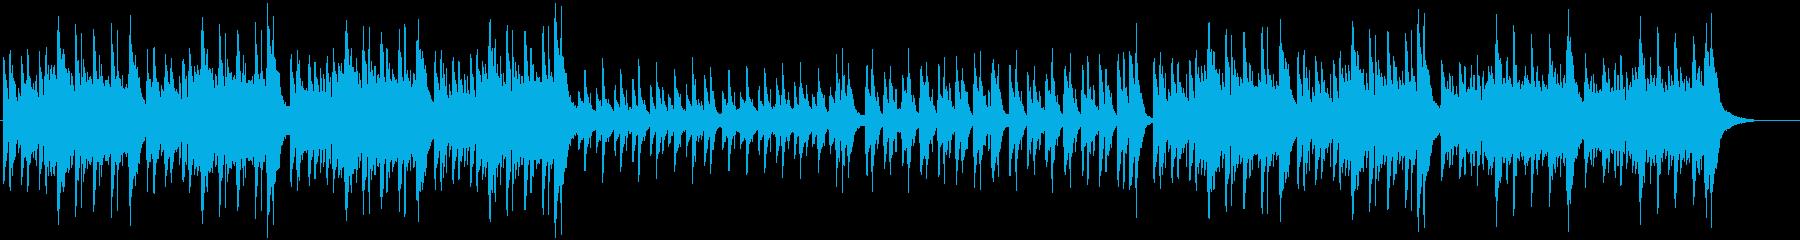 かわいいワルツ、アコースティックサウンドの再生済みの波形